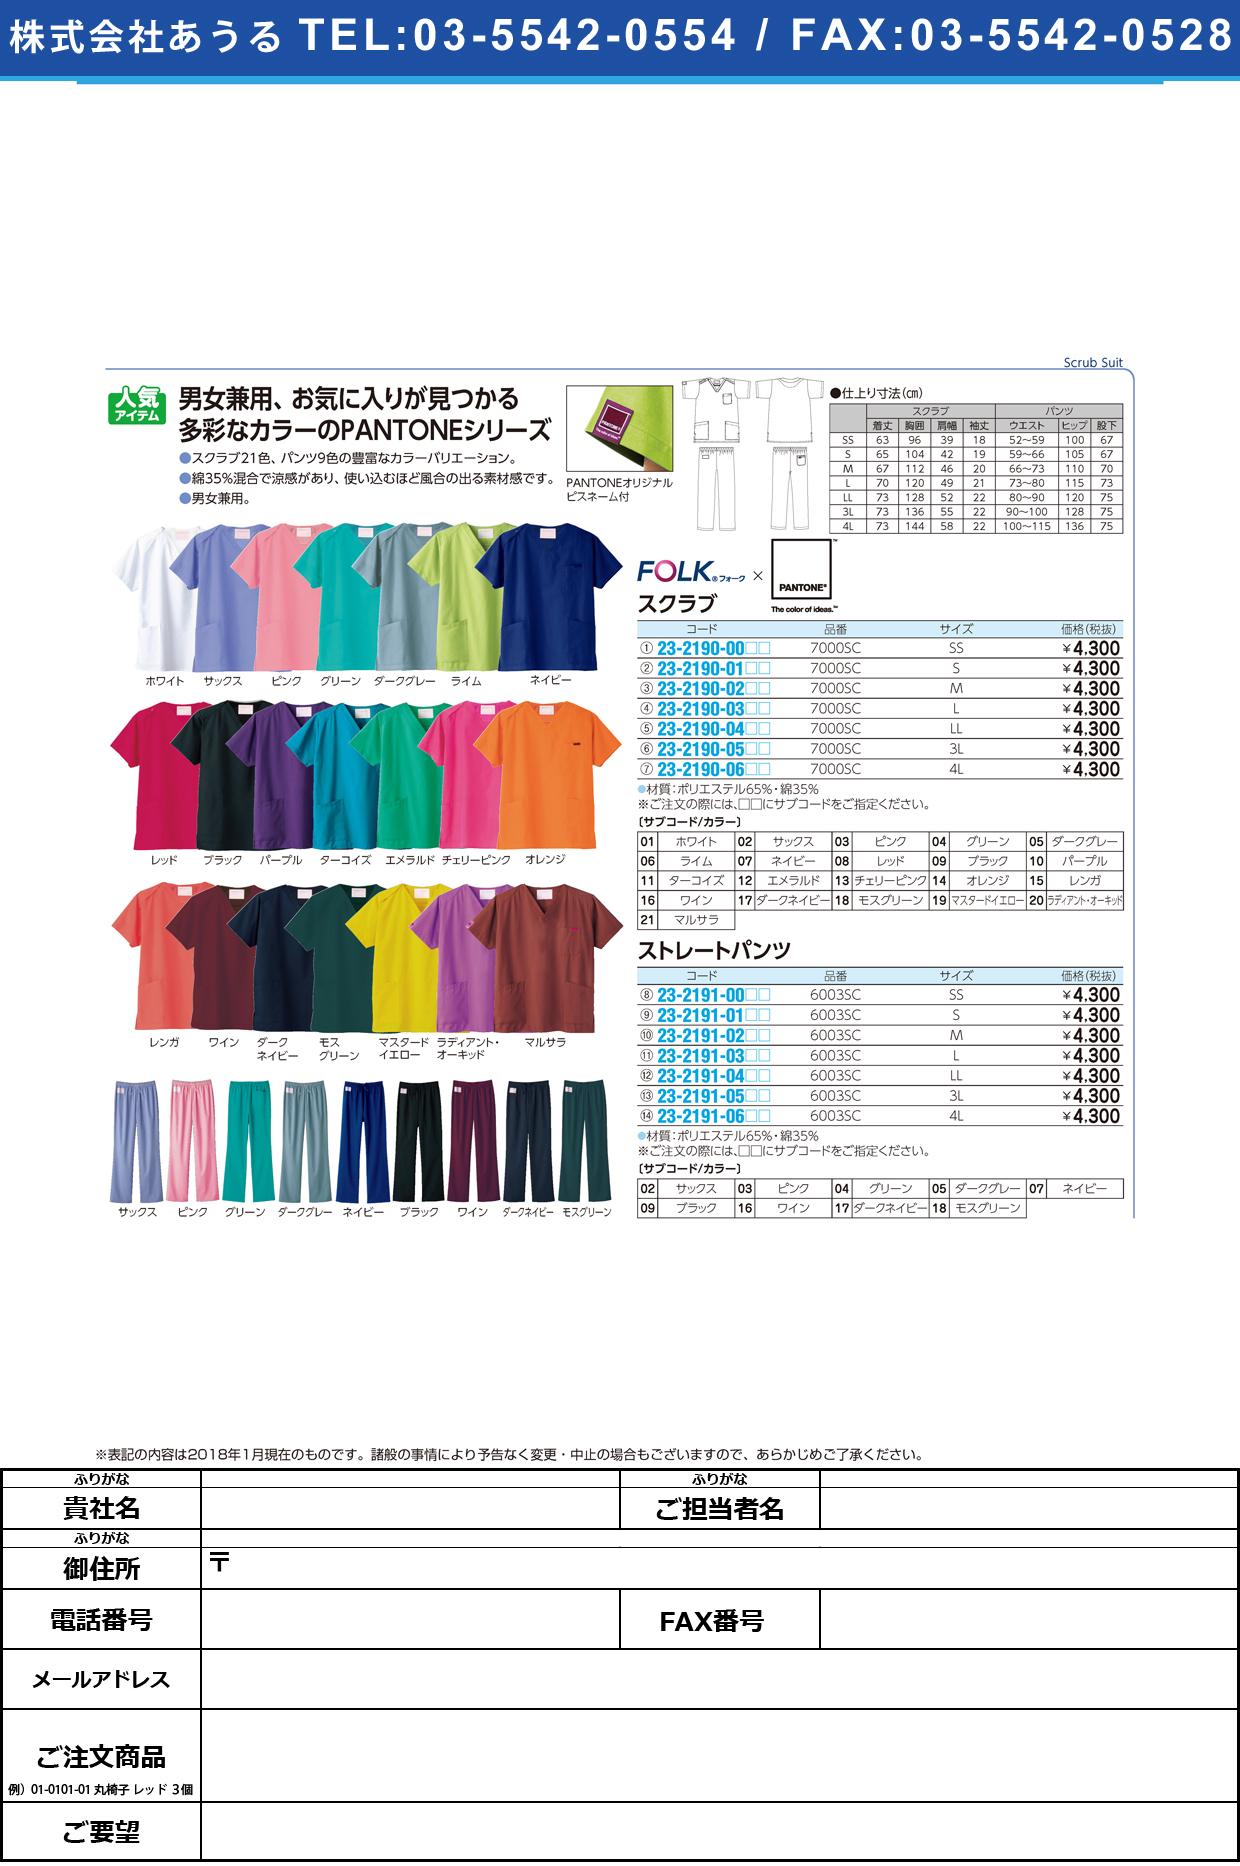 (23-2191-00)ストレートパンツ 6003SC(SS) ストレートパンツ サックス(フォーク)【1枚単位】【2018年カタログ商品】